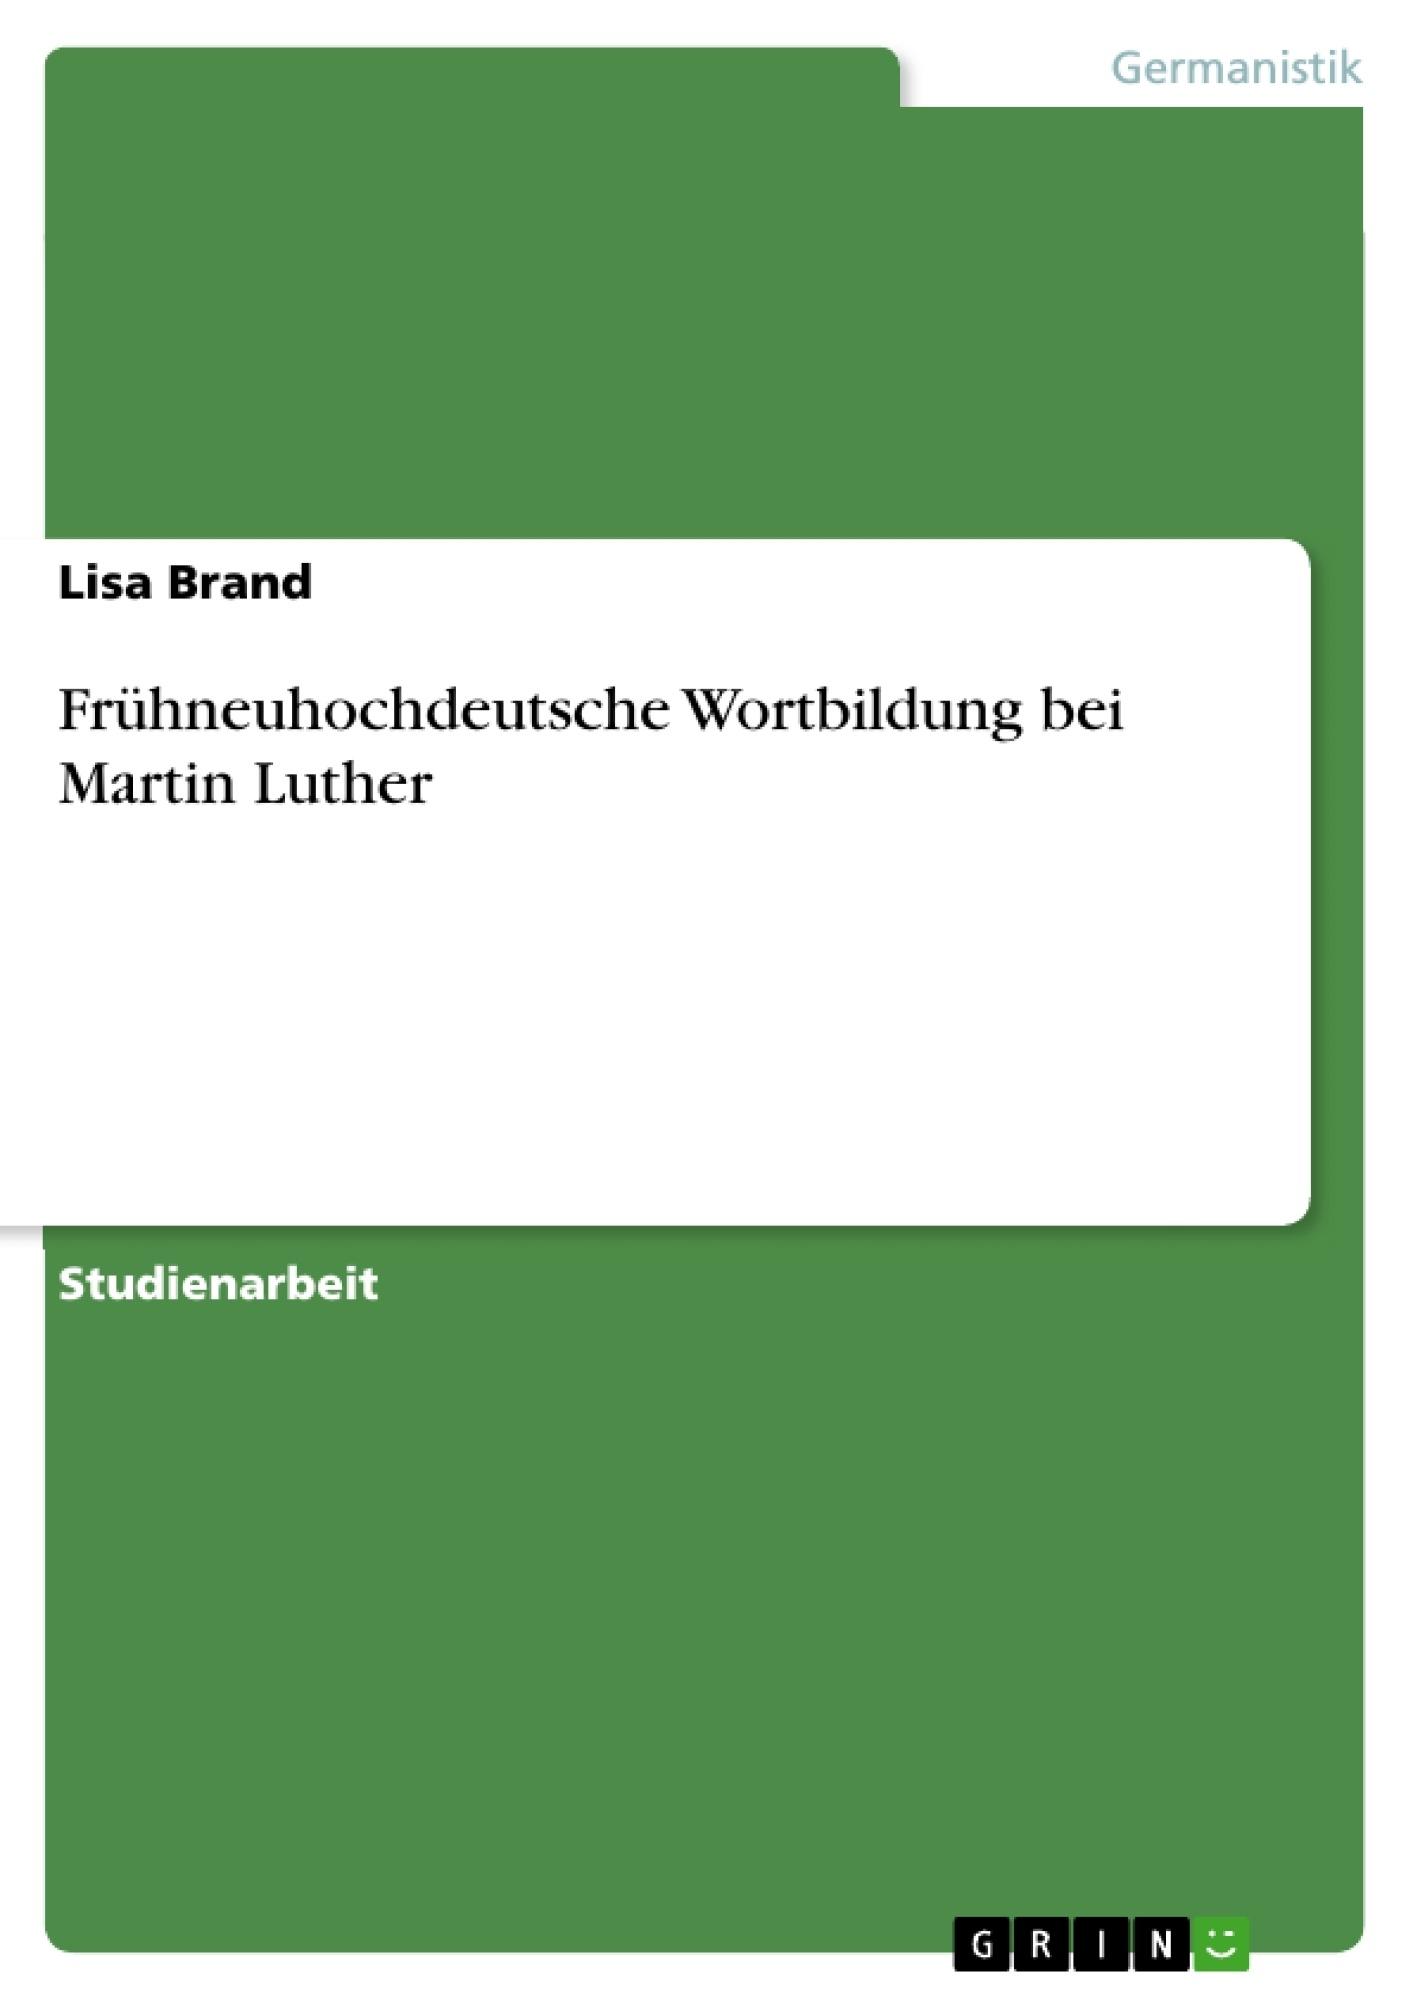 Titel: Frühneuhochdeutsche Wortbildung bei Martin Luther